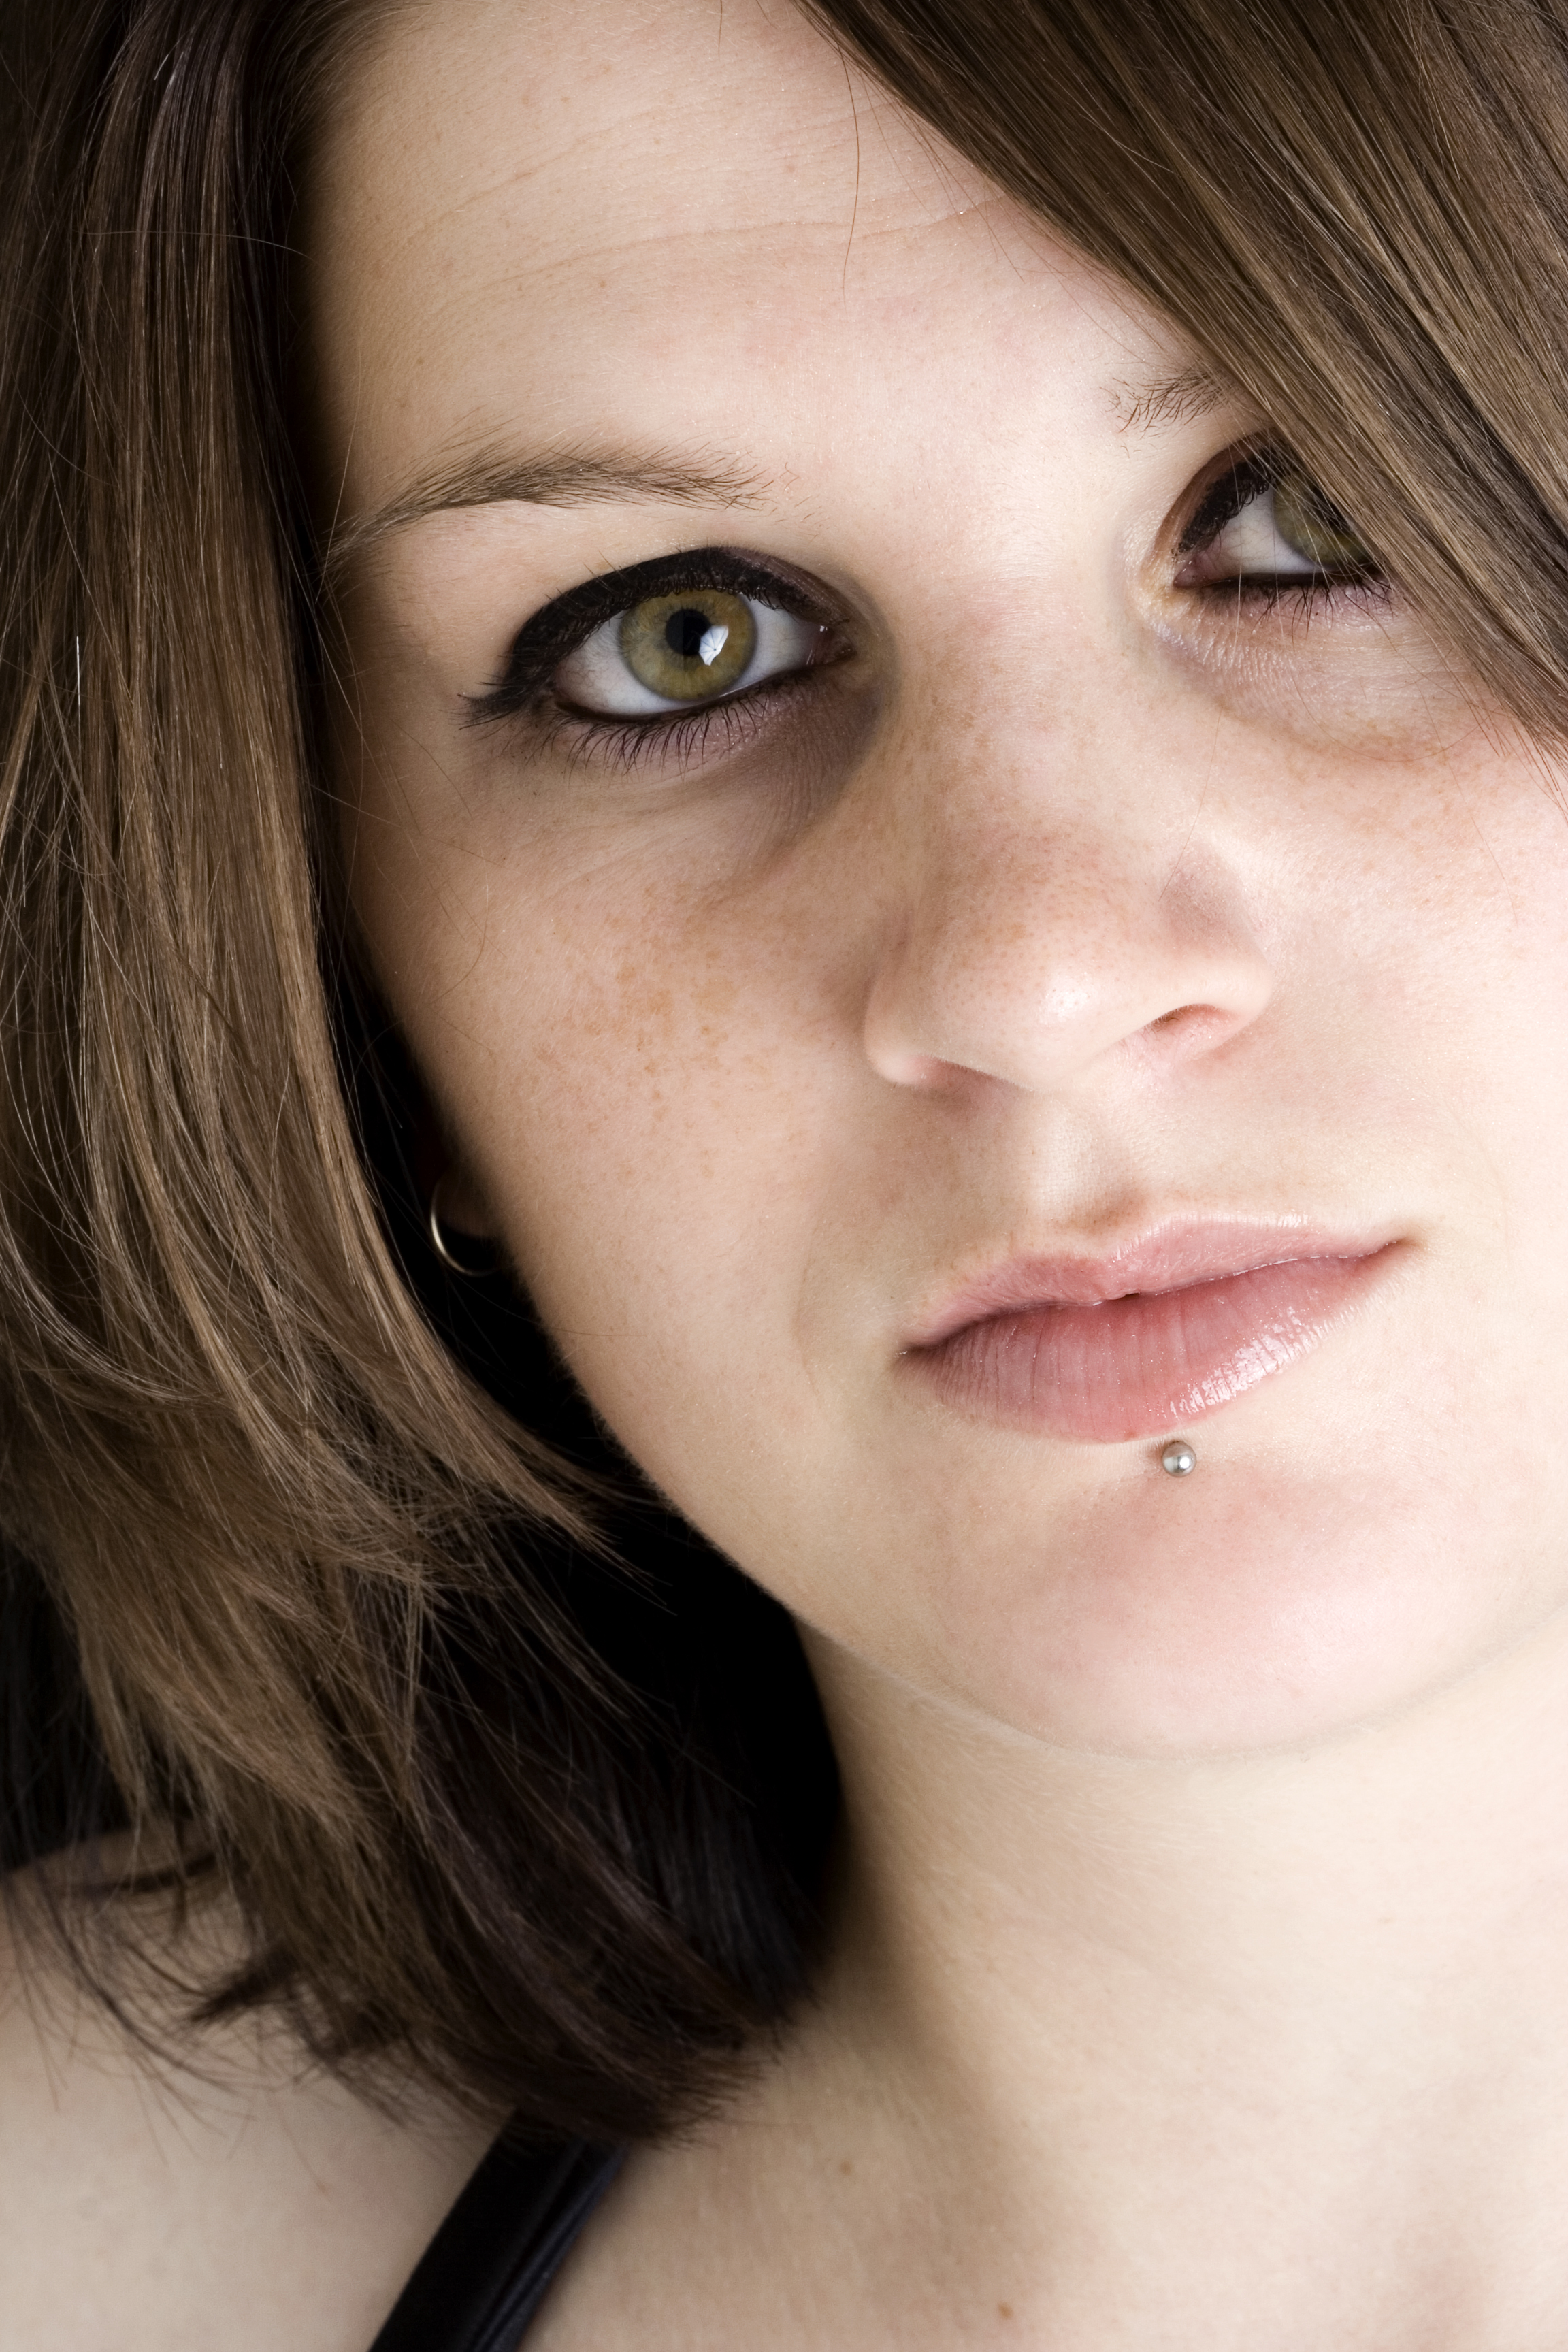 labret lippenpiercing